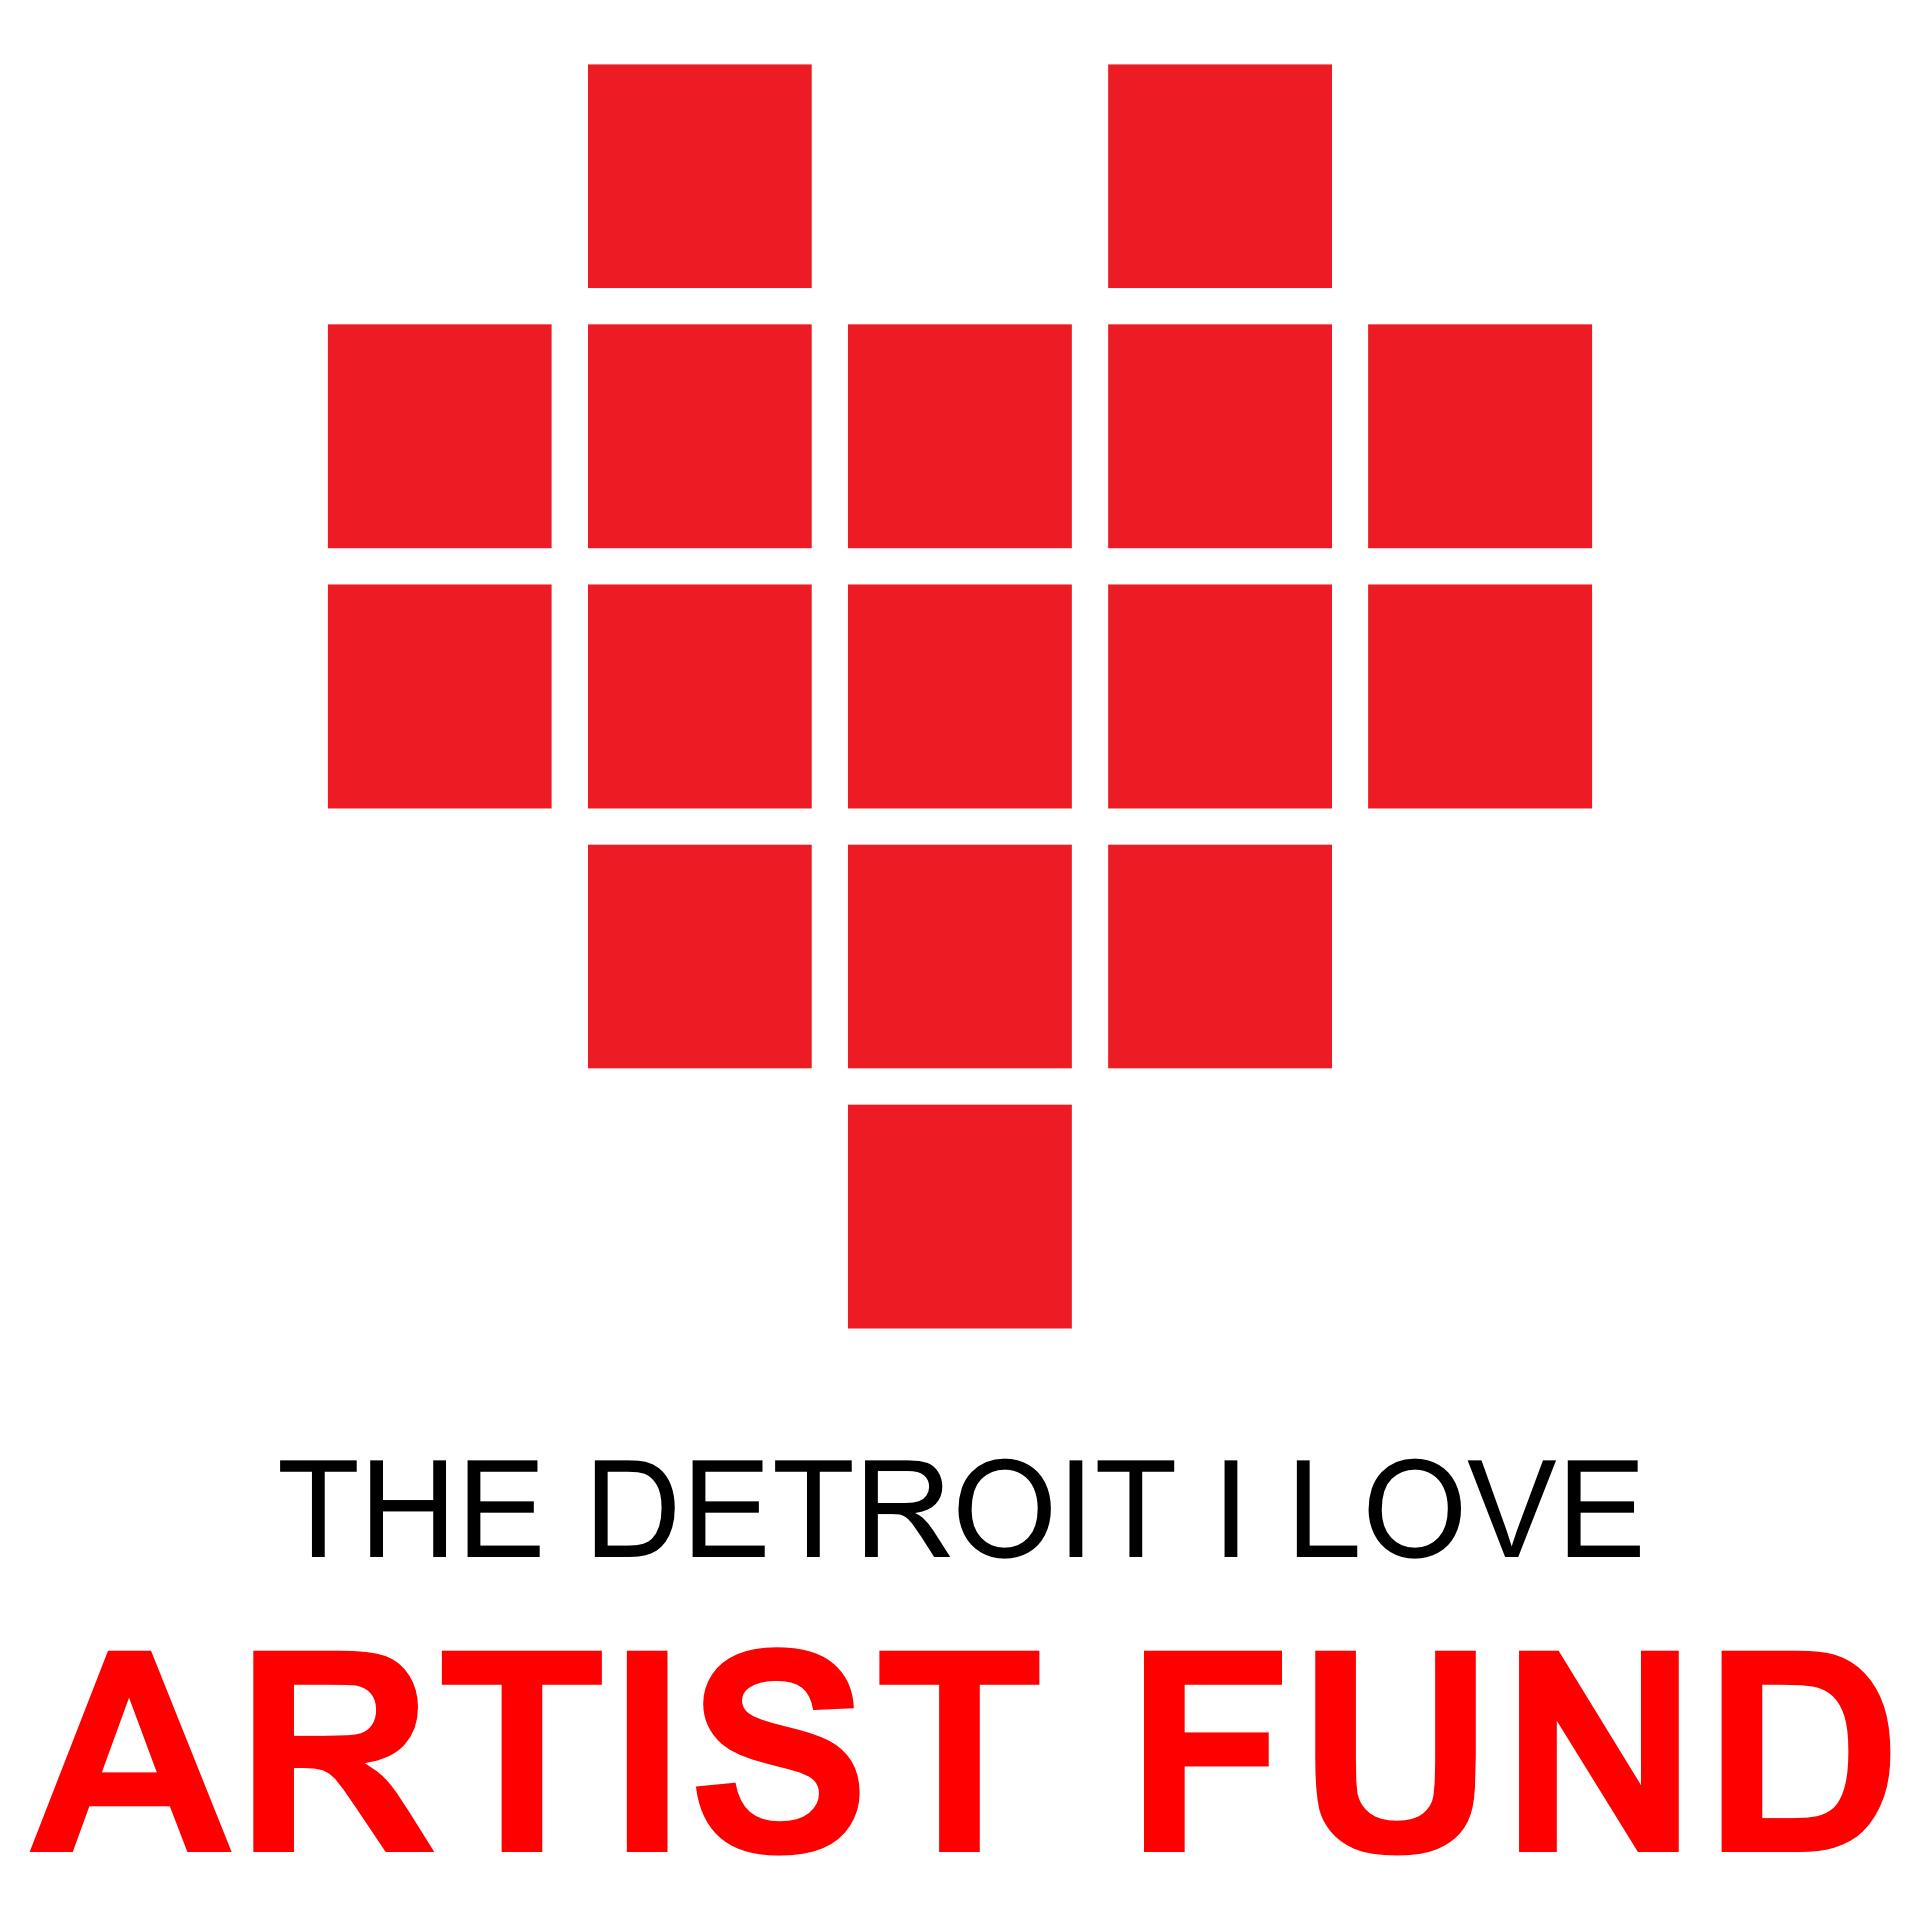 artistfund